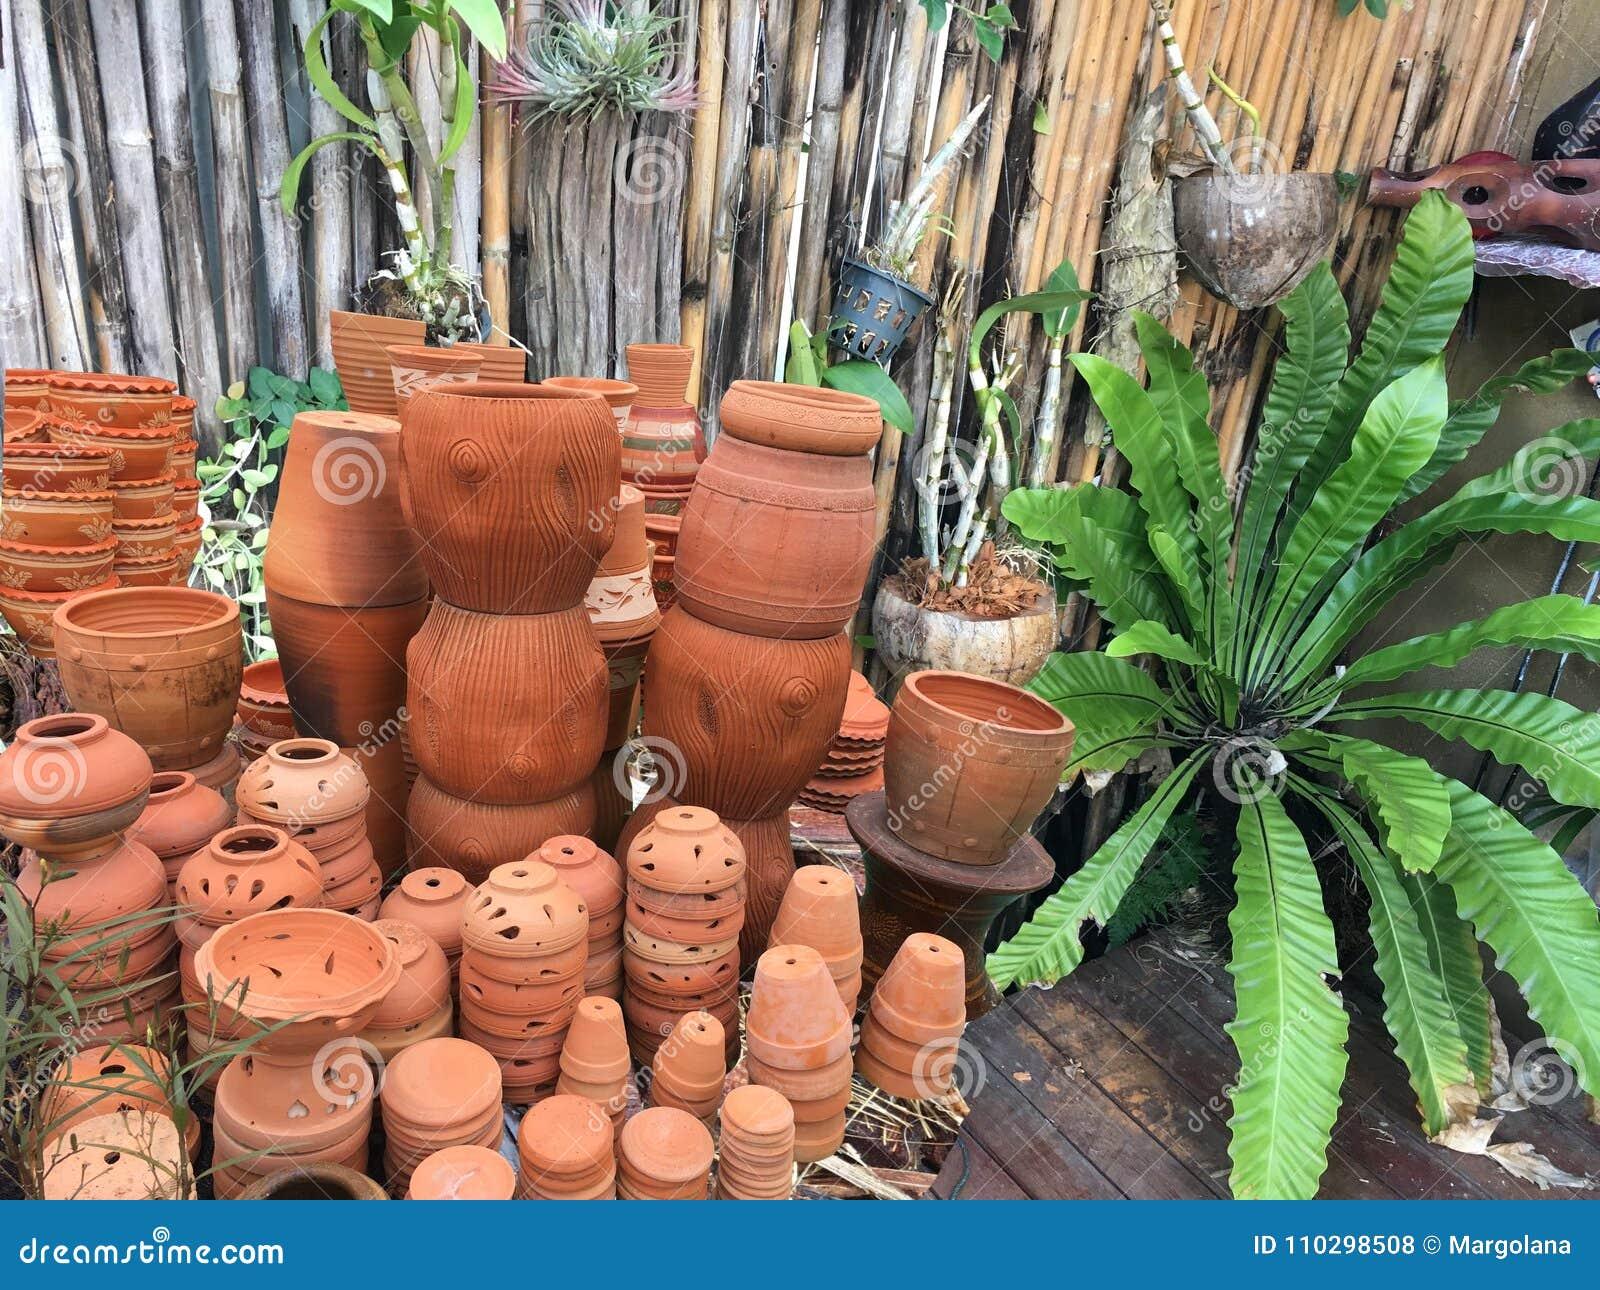 Decorazione Vasi Da Giardino : I vasi da fiori decorativi ed i vasi che impilano al giardino